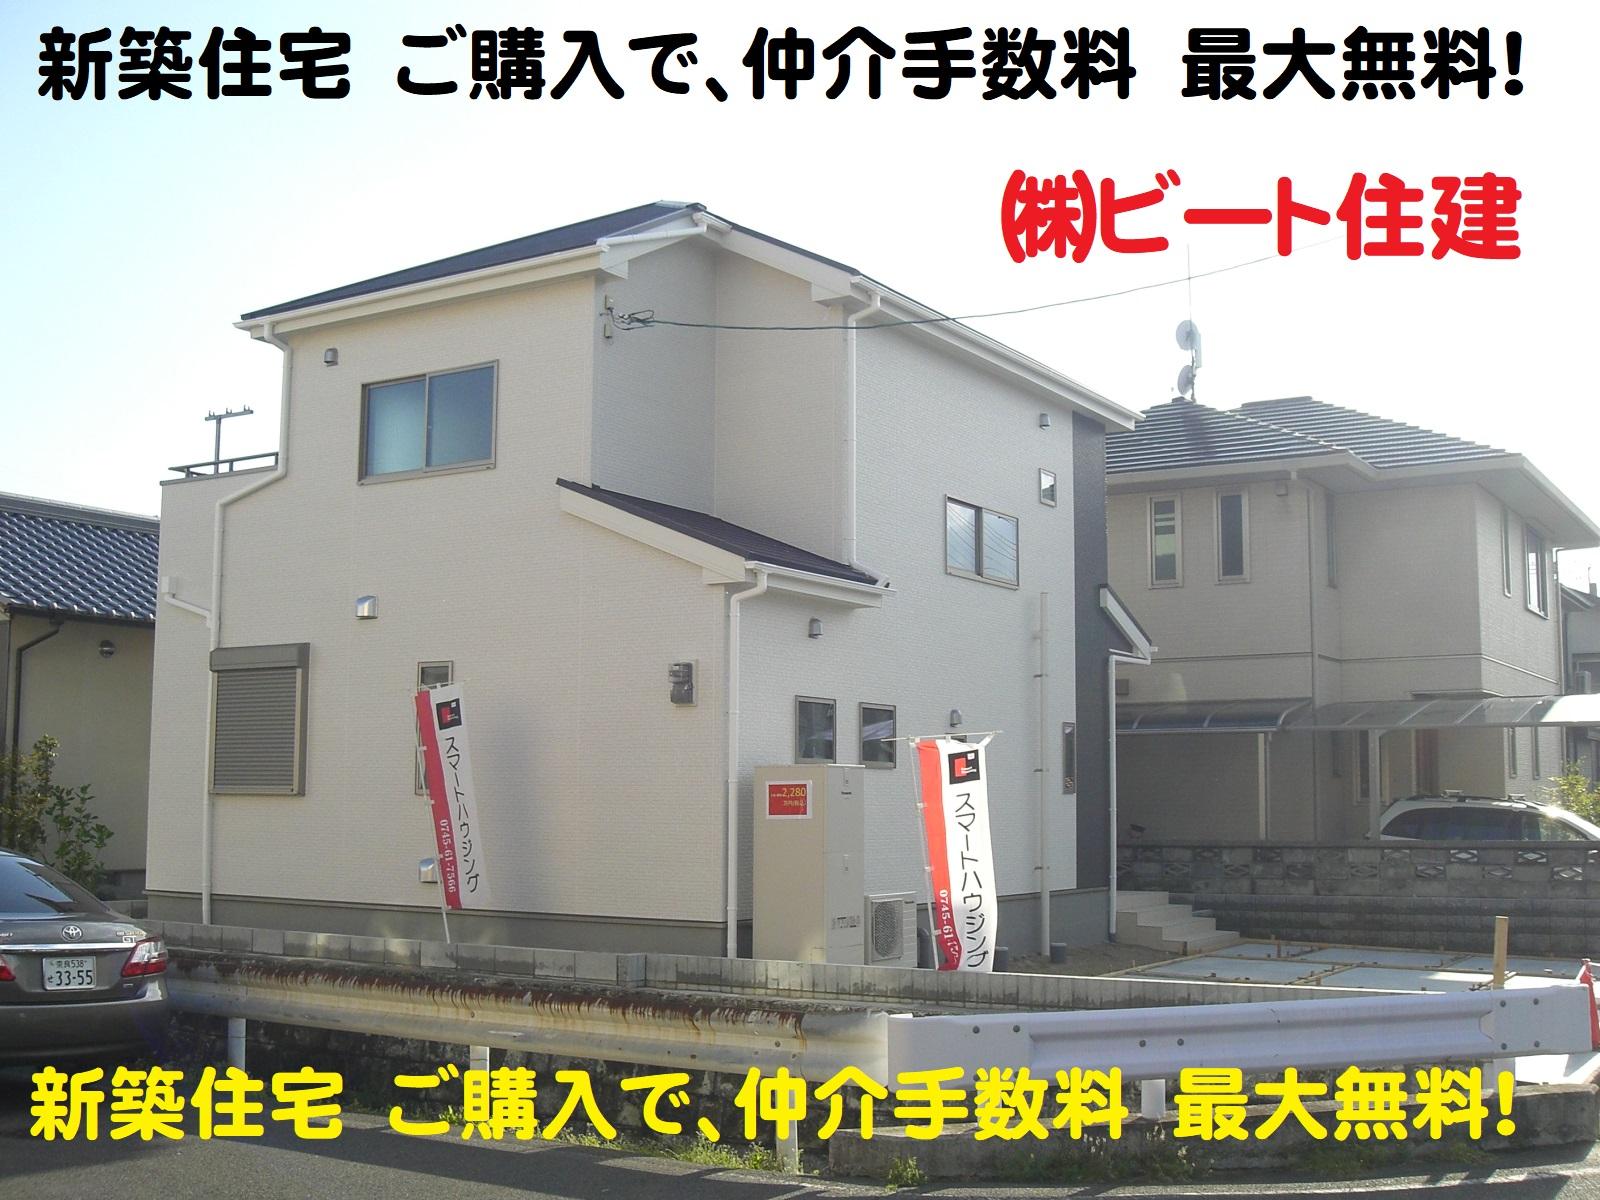 田原本町 宮古 新築 限定1棟 建物 販売 飯田グループ 一建設 好評分譲中